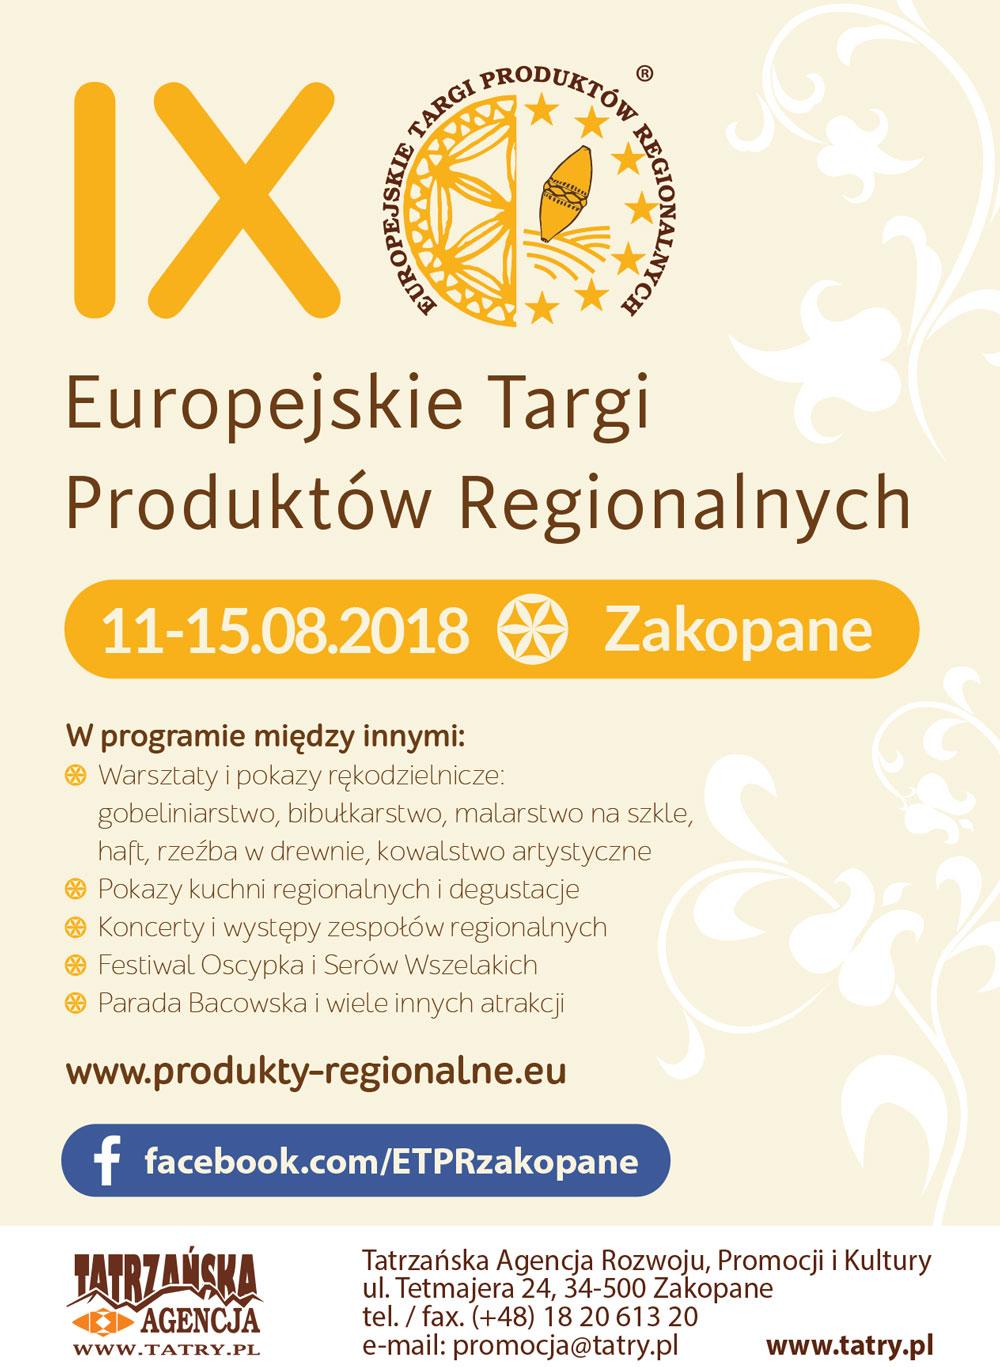 Europejskie Targi Produktów Regionalnych